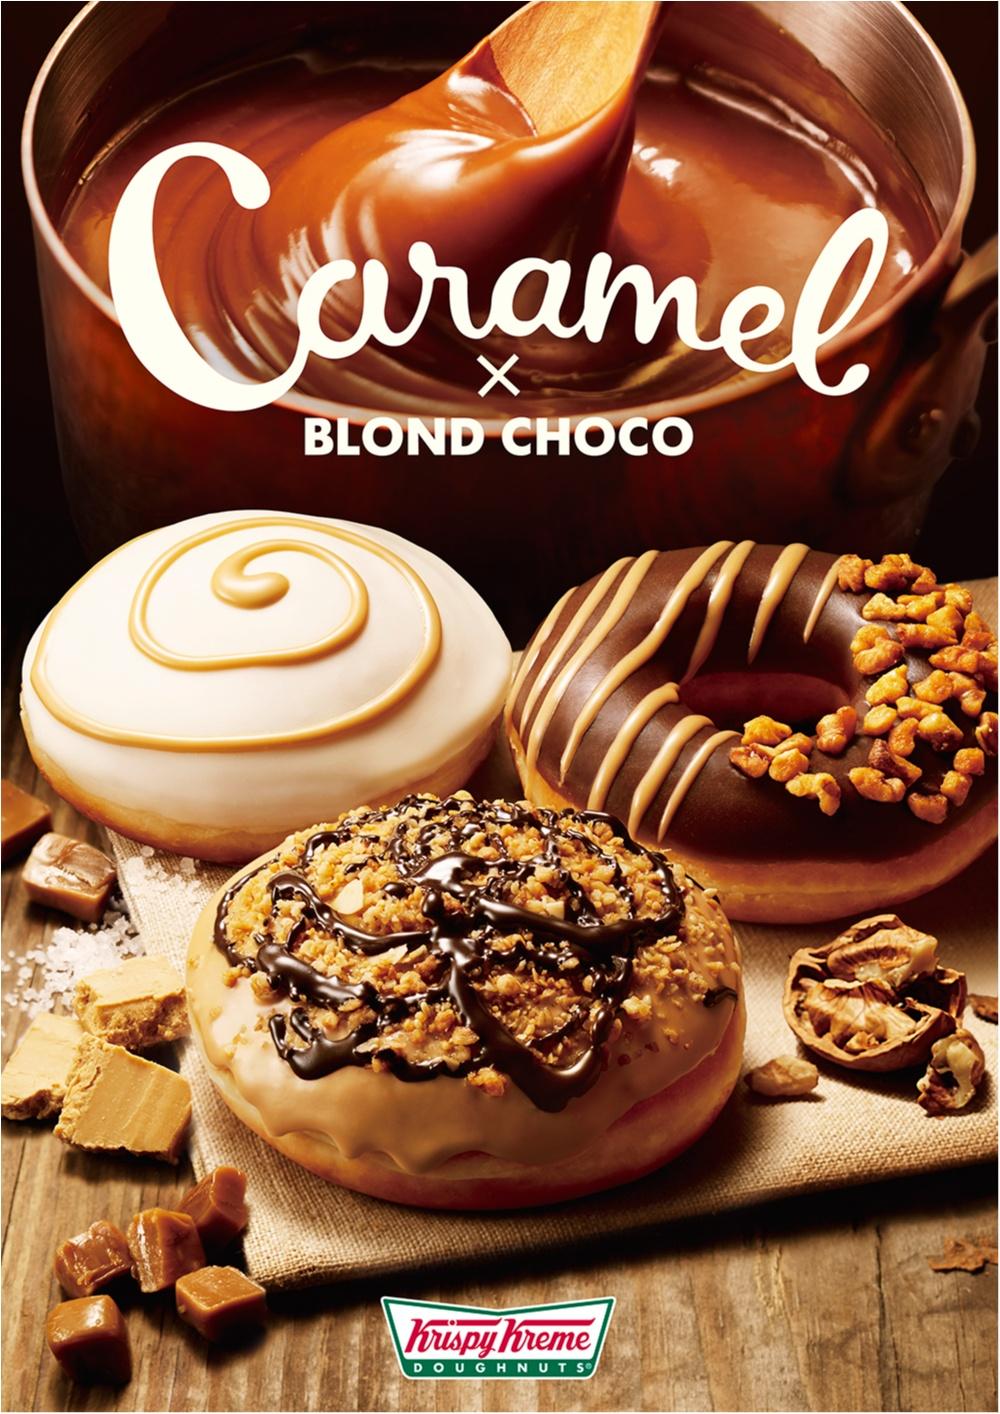 キャラメルとブロンドチョコが出合っちゃった♡ 『クリスピー・クリーム・ドーナツ』の冬にぴったりな濃厚ドーナツ_1